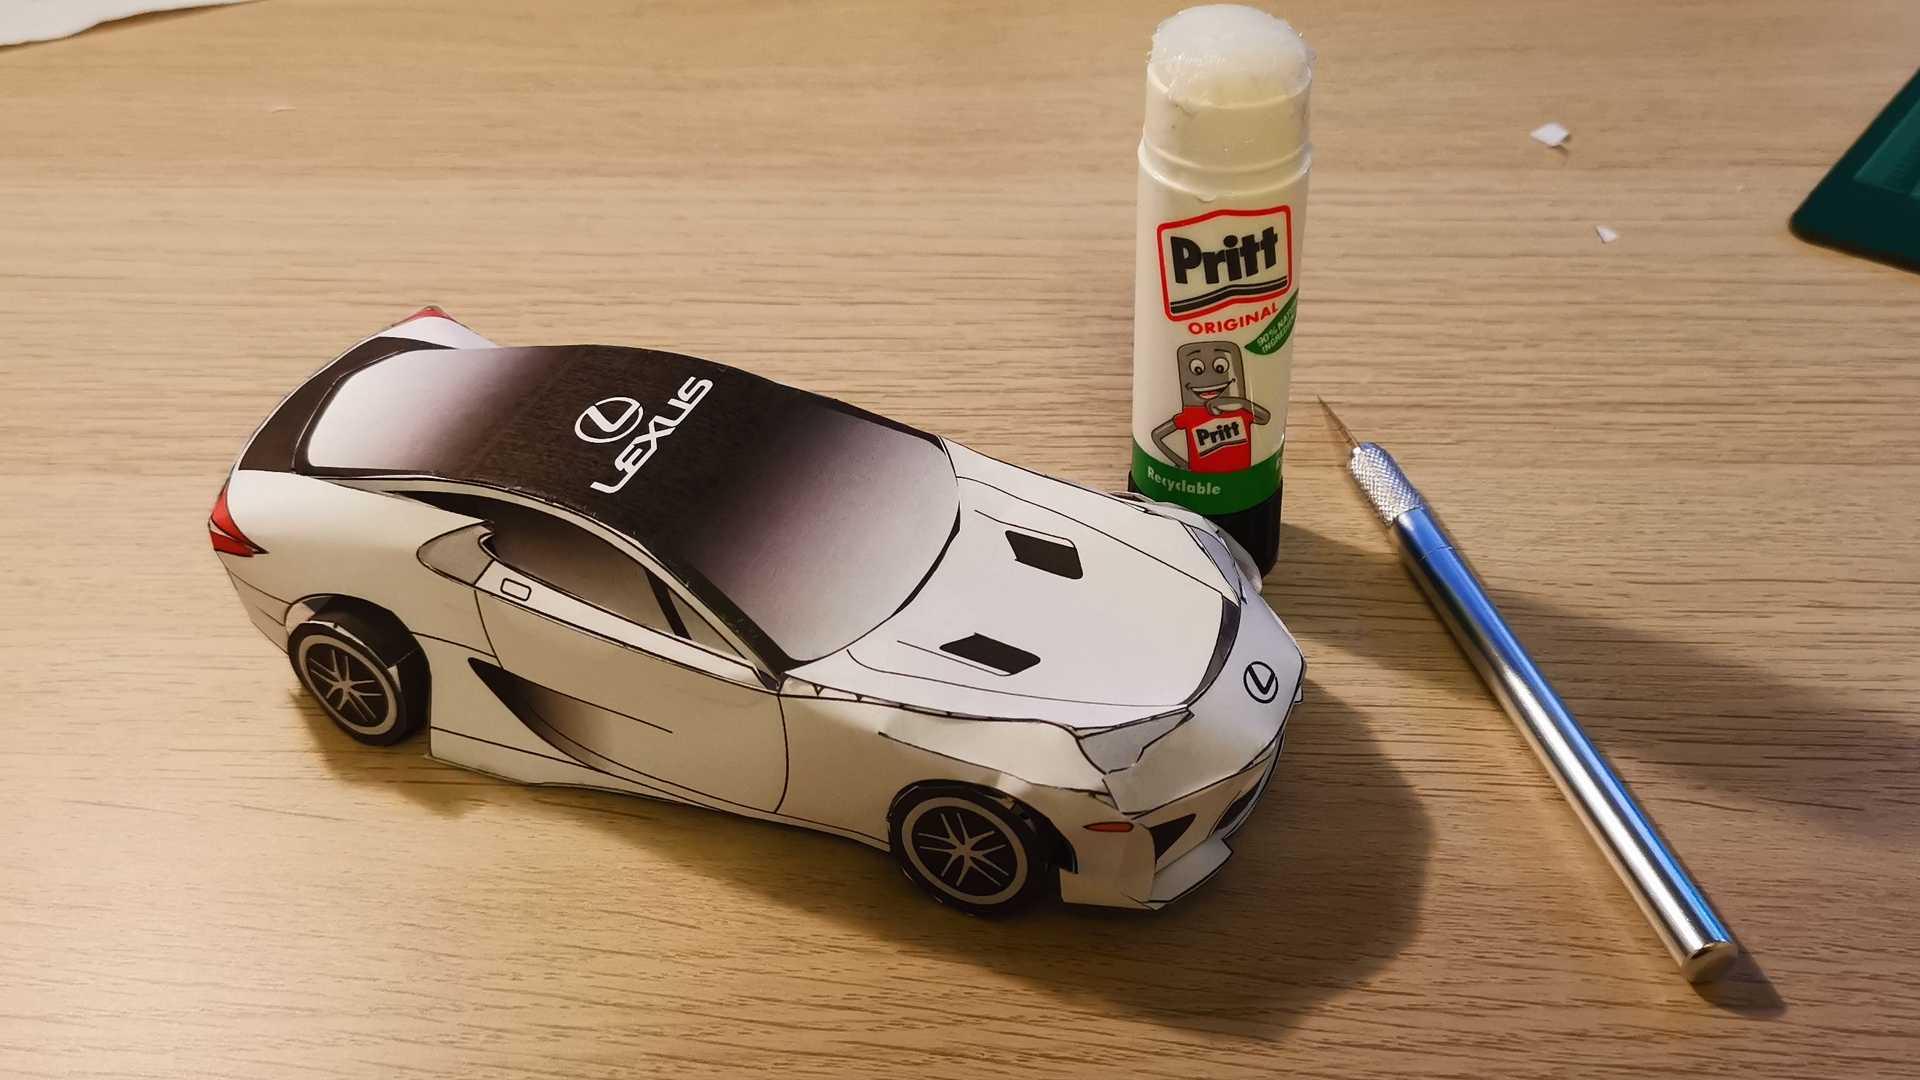 Суперкар Lexus LFA из бумаги: его можно распечатать и сделать за несколько минут